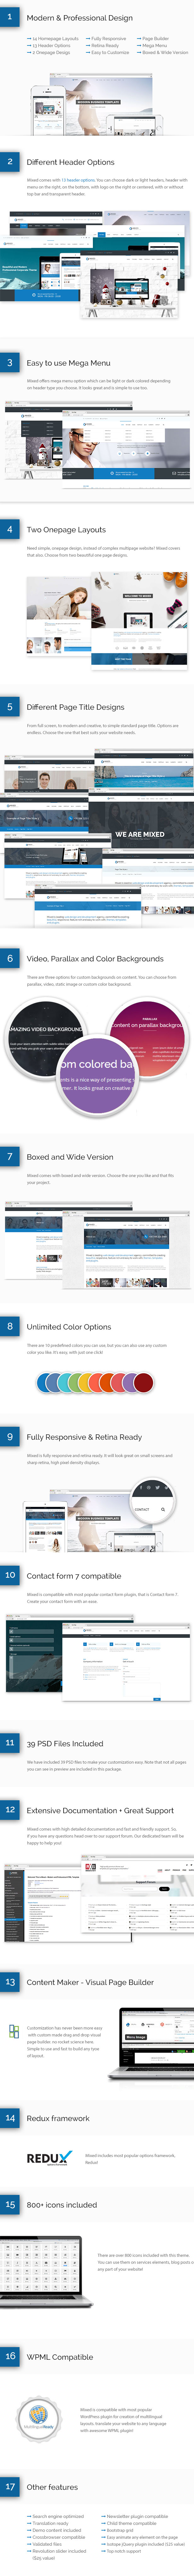 Mixed - Modern and Professional WordPress Theme - 2